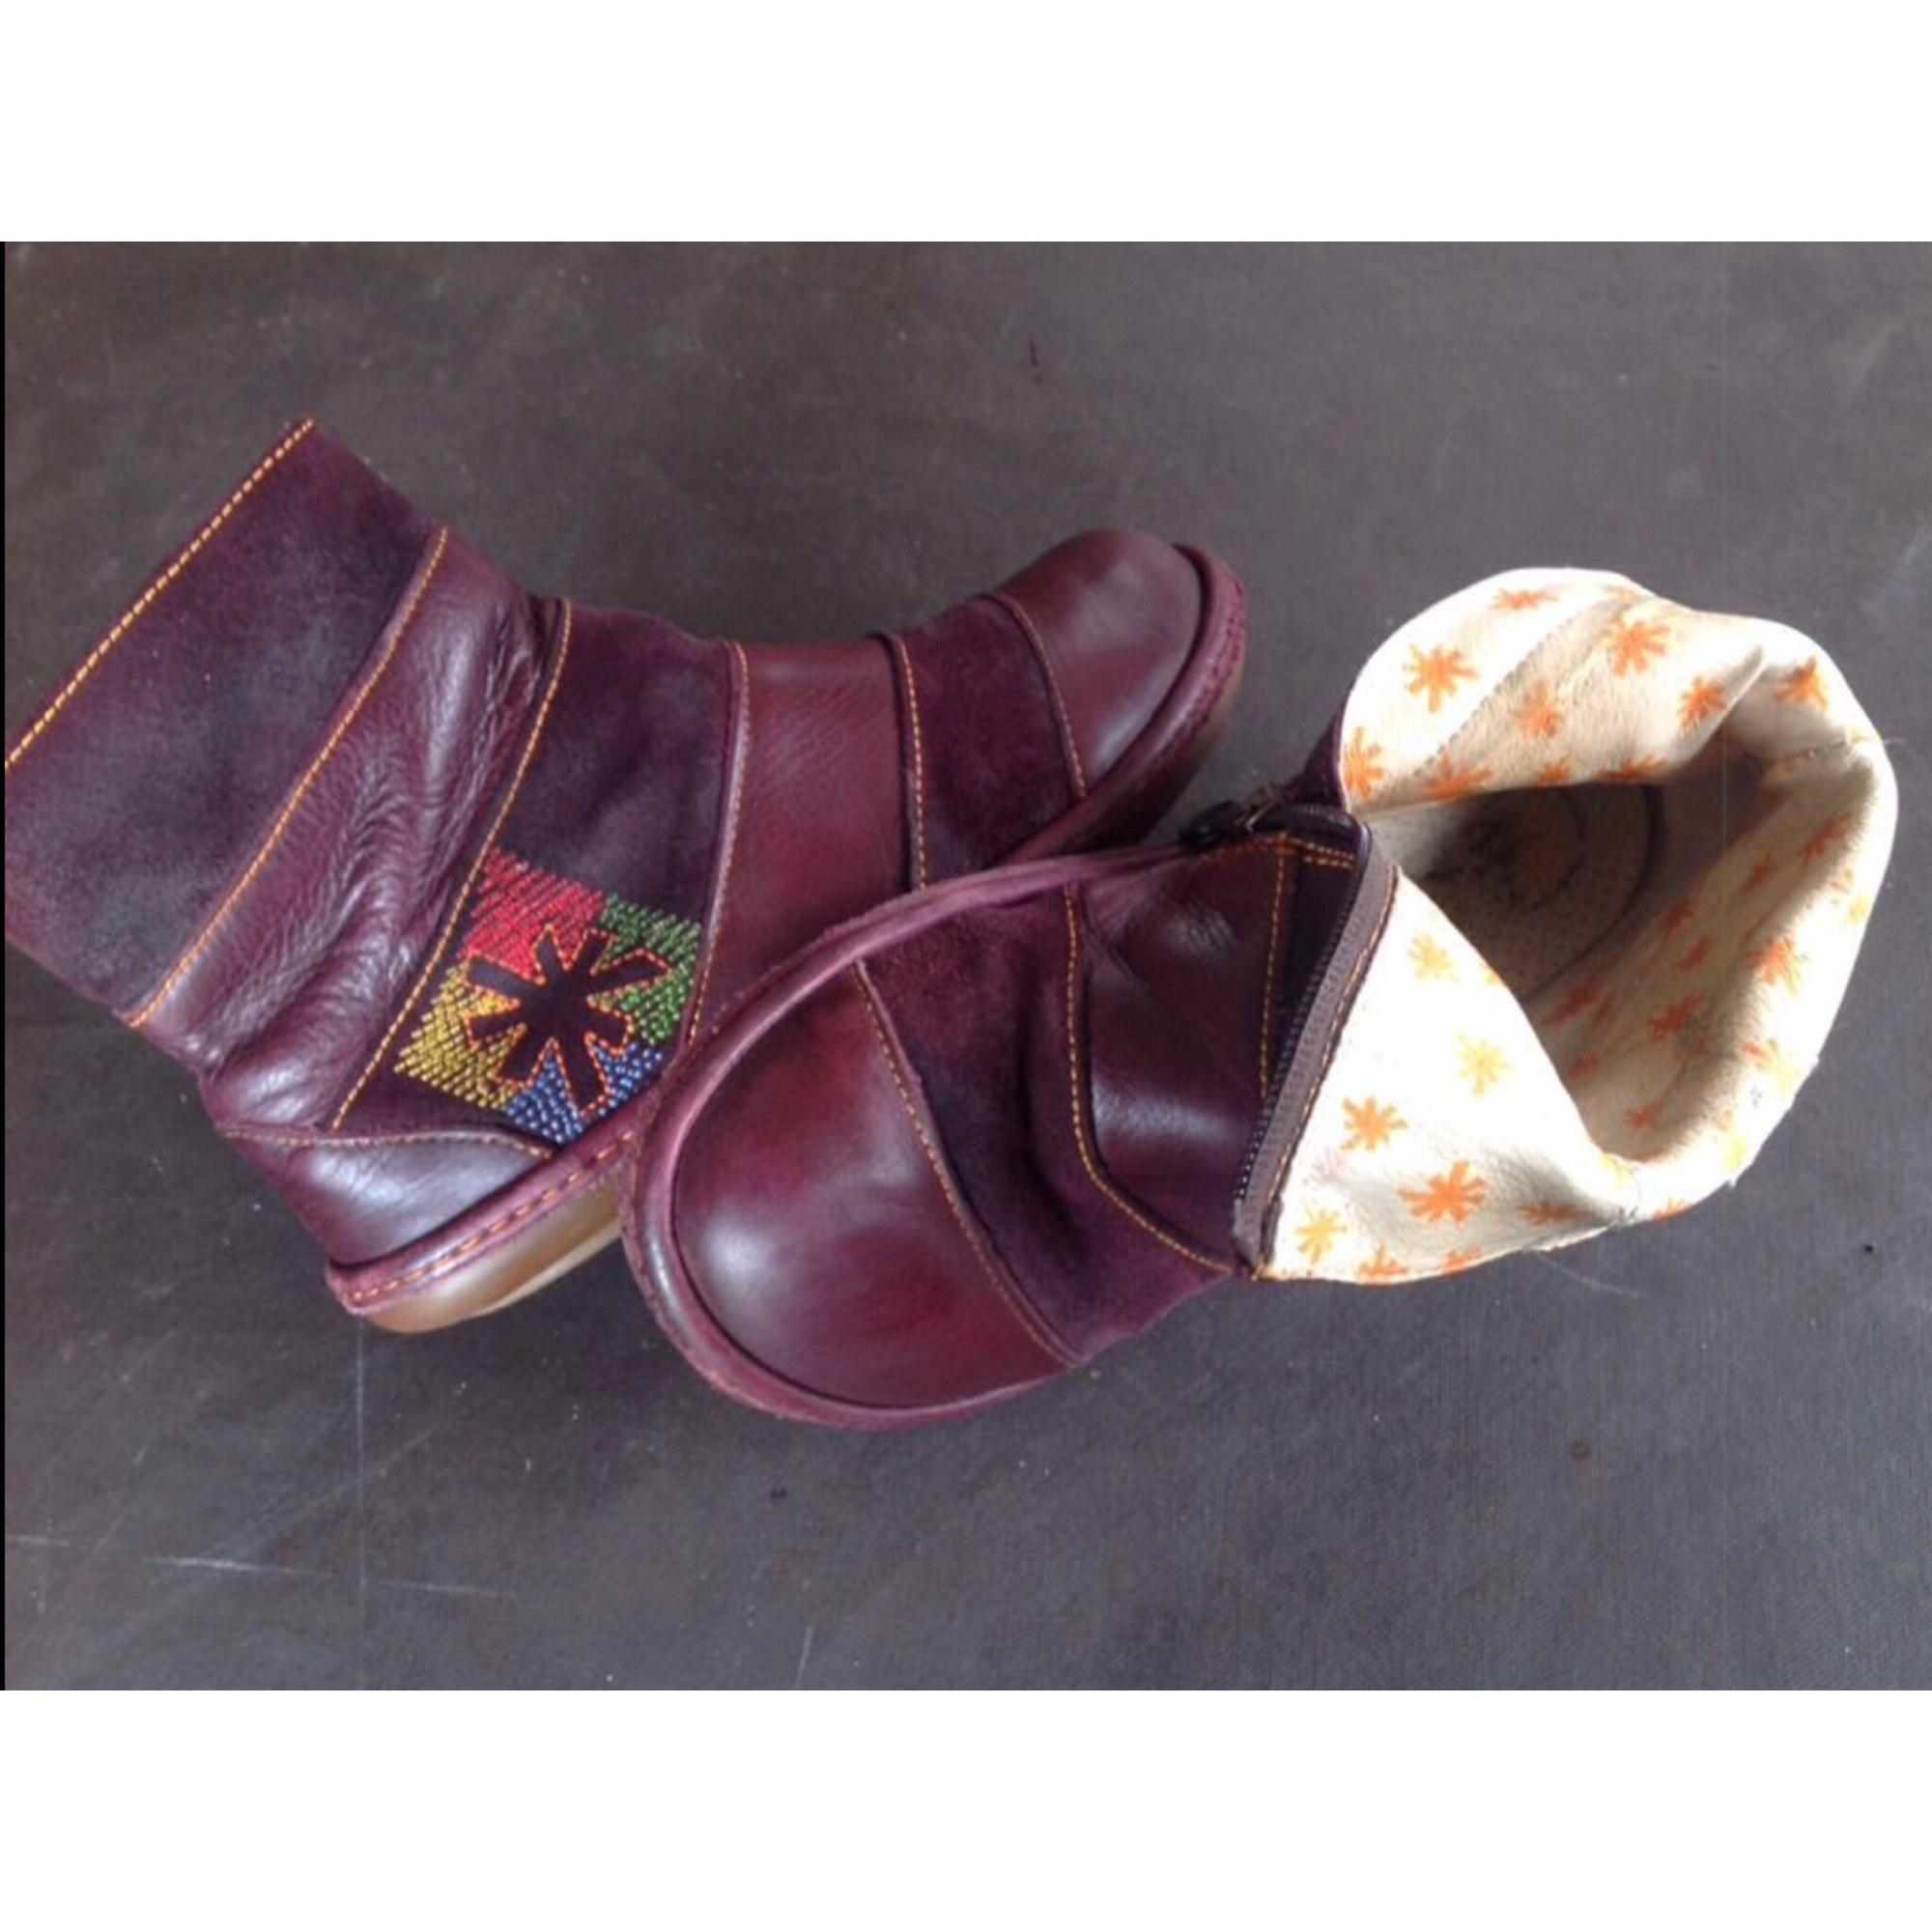 Bottines & low boots plates ART Marron bordeaux